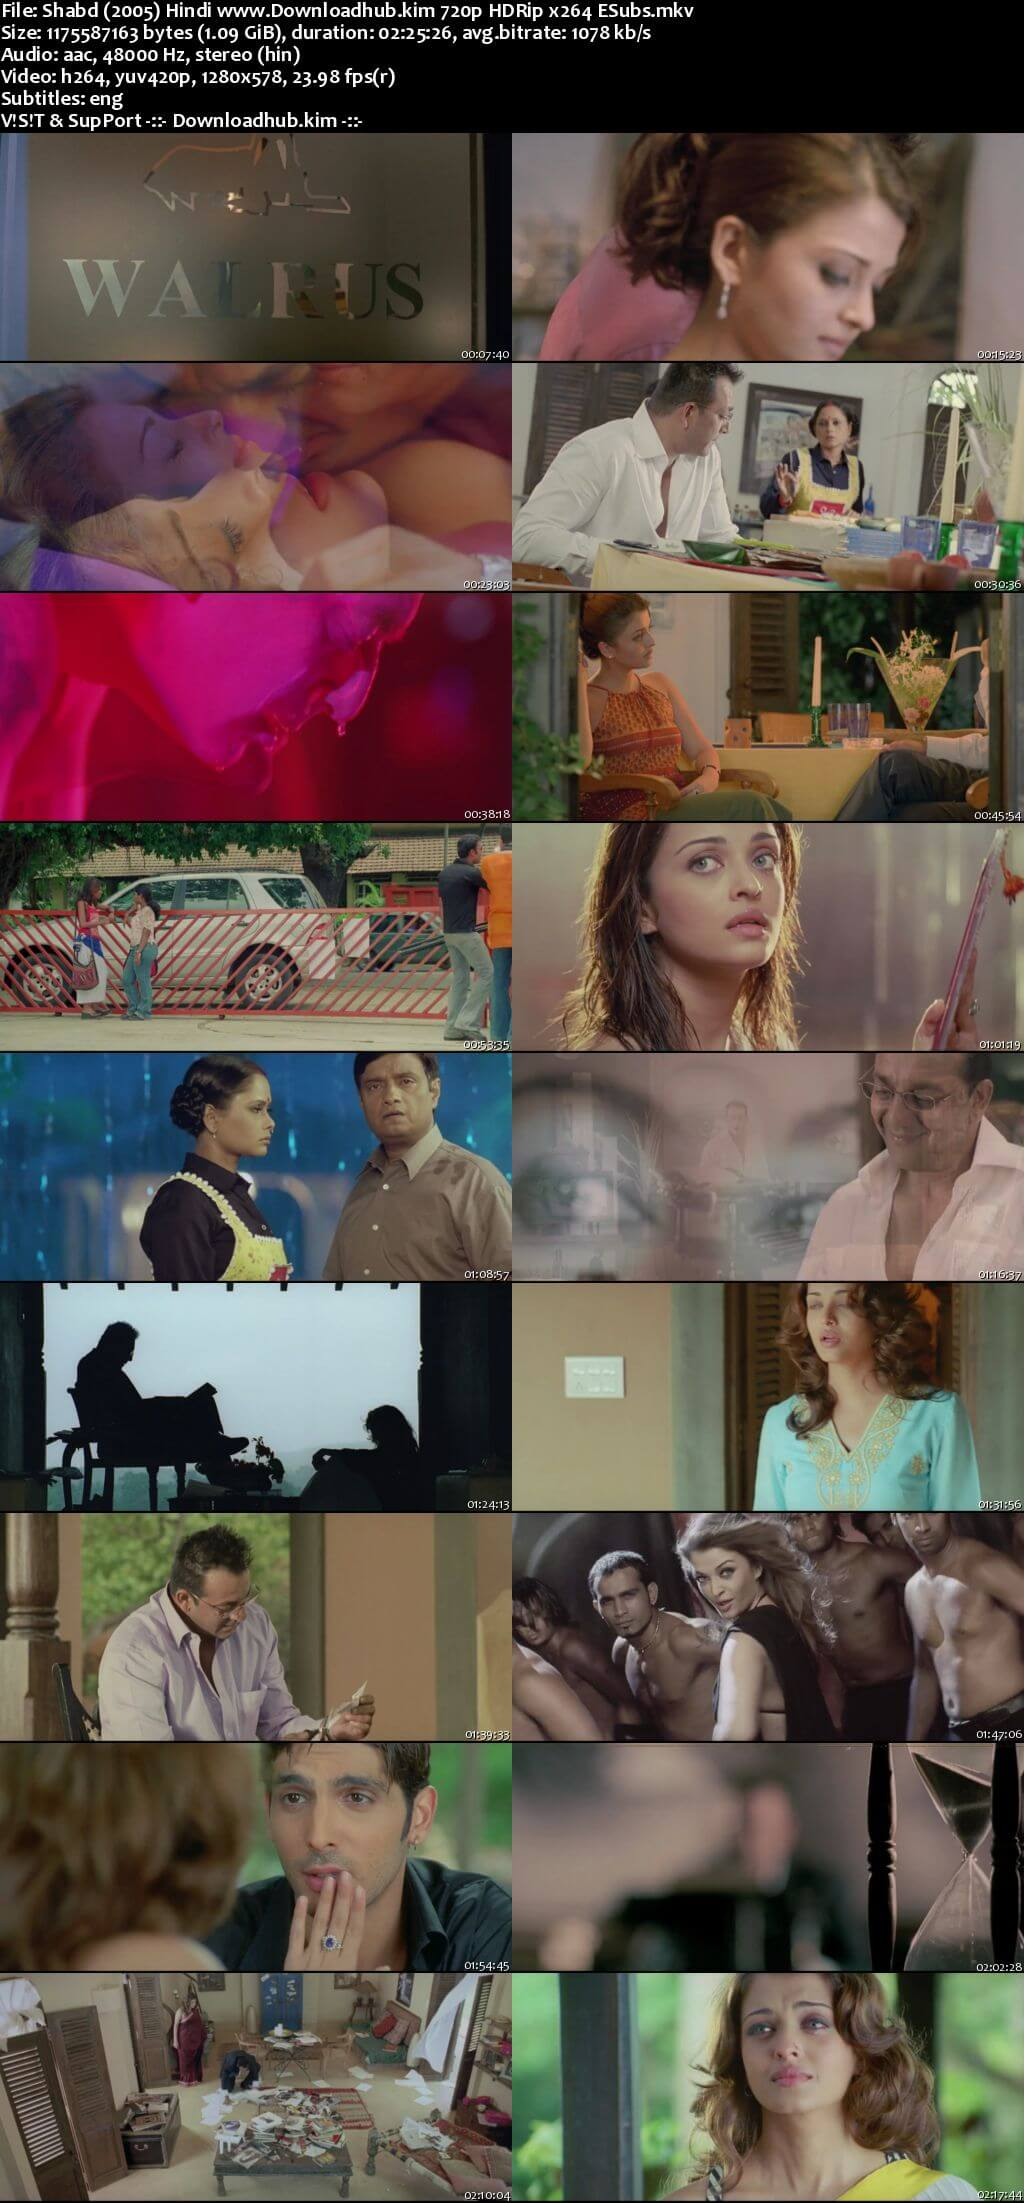 Shabd 2005 Hindi 720p HDRip ESubs